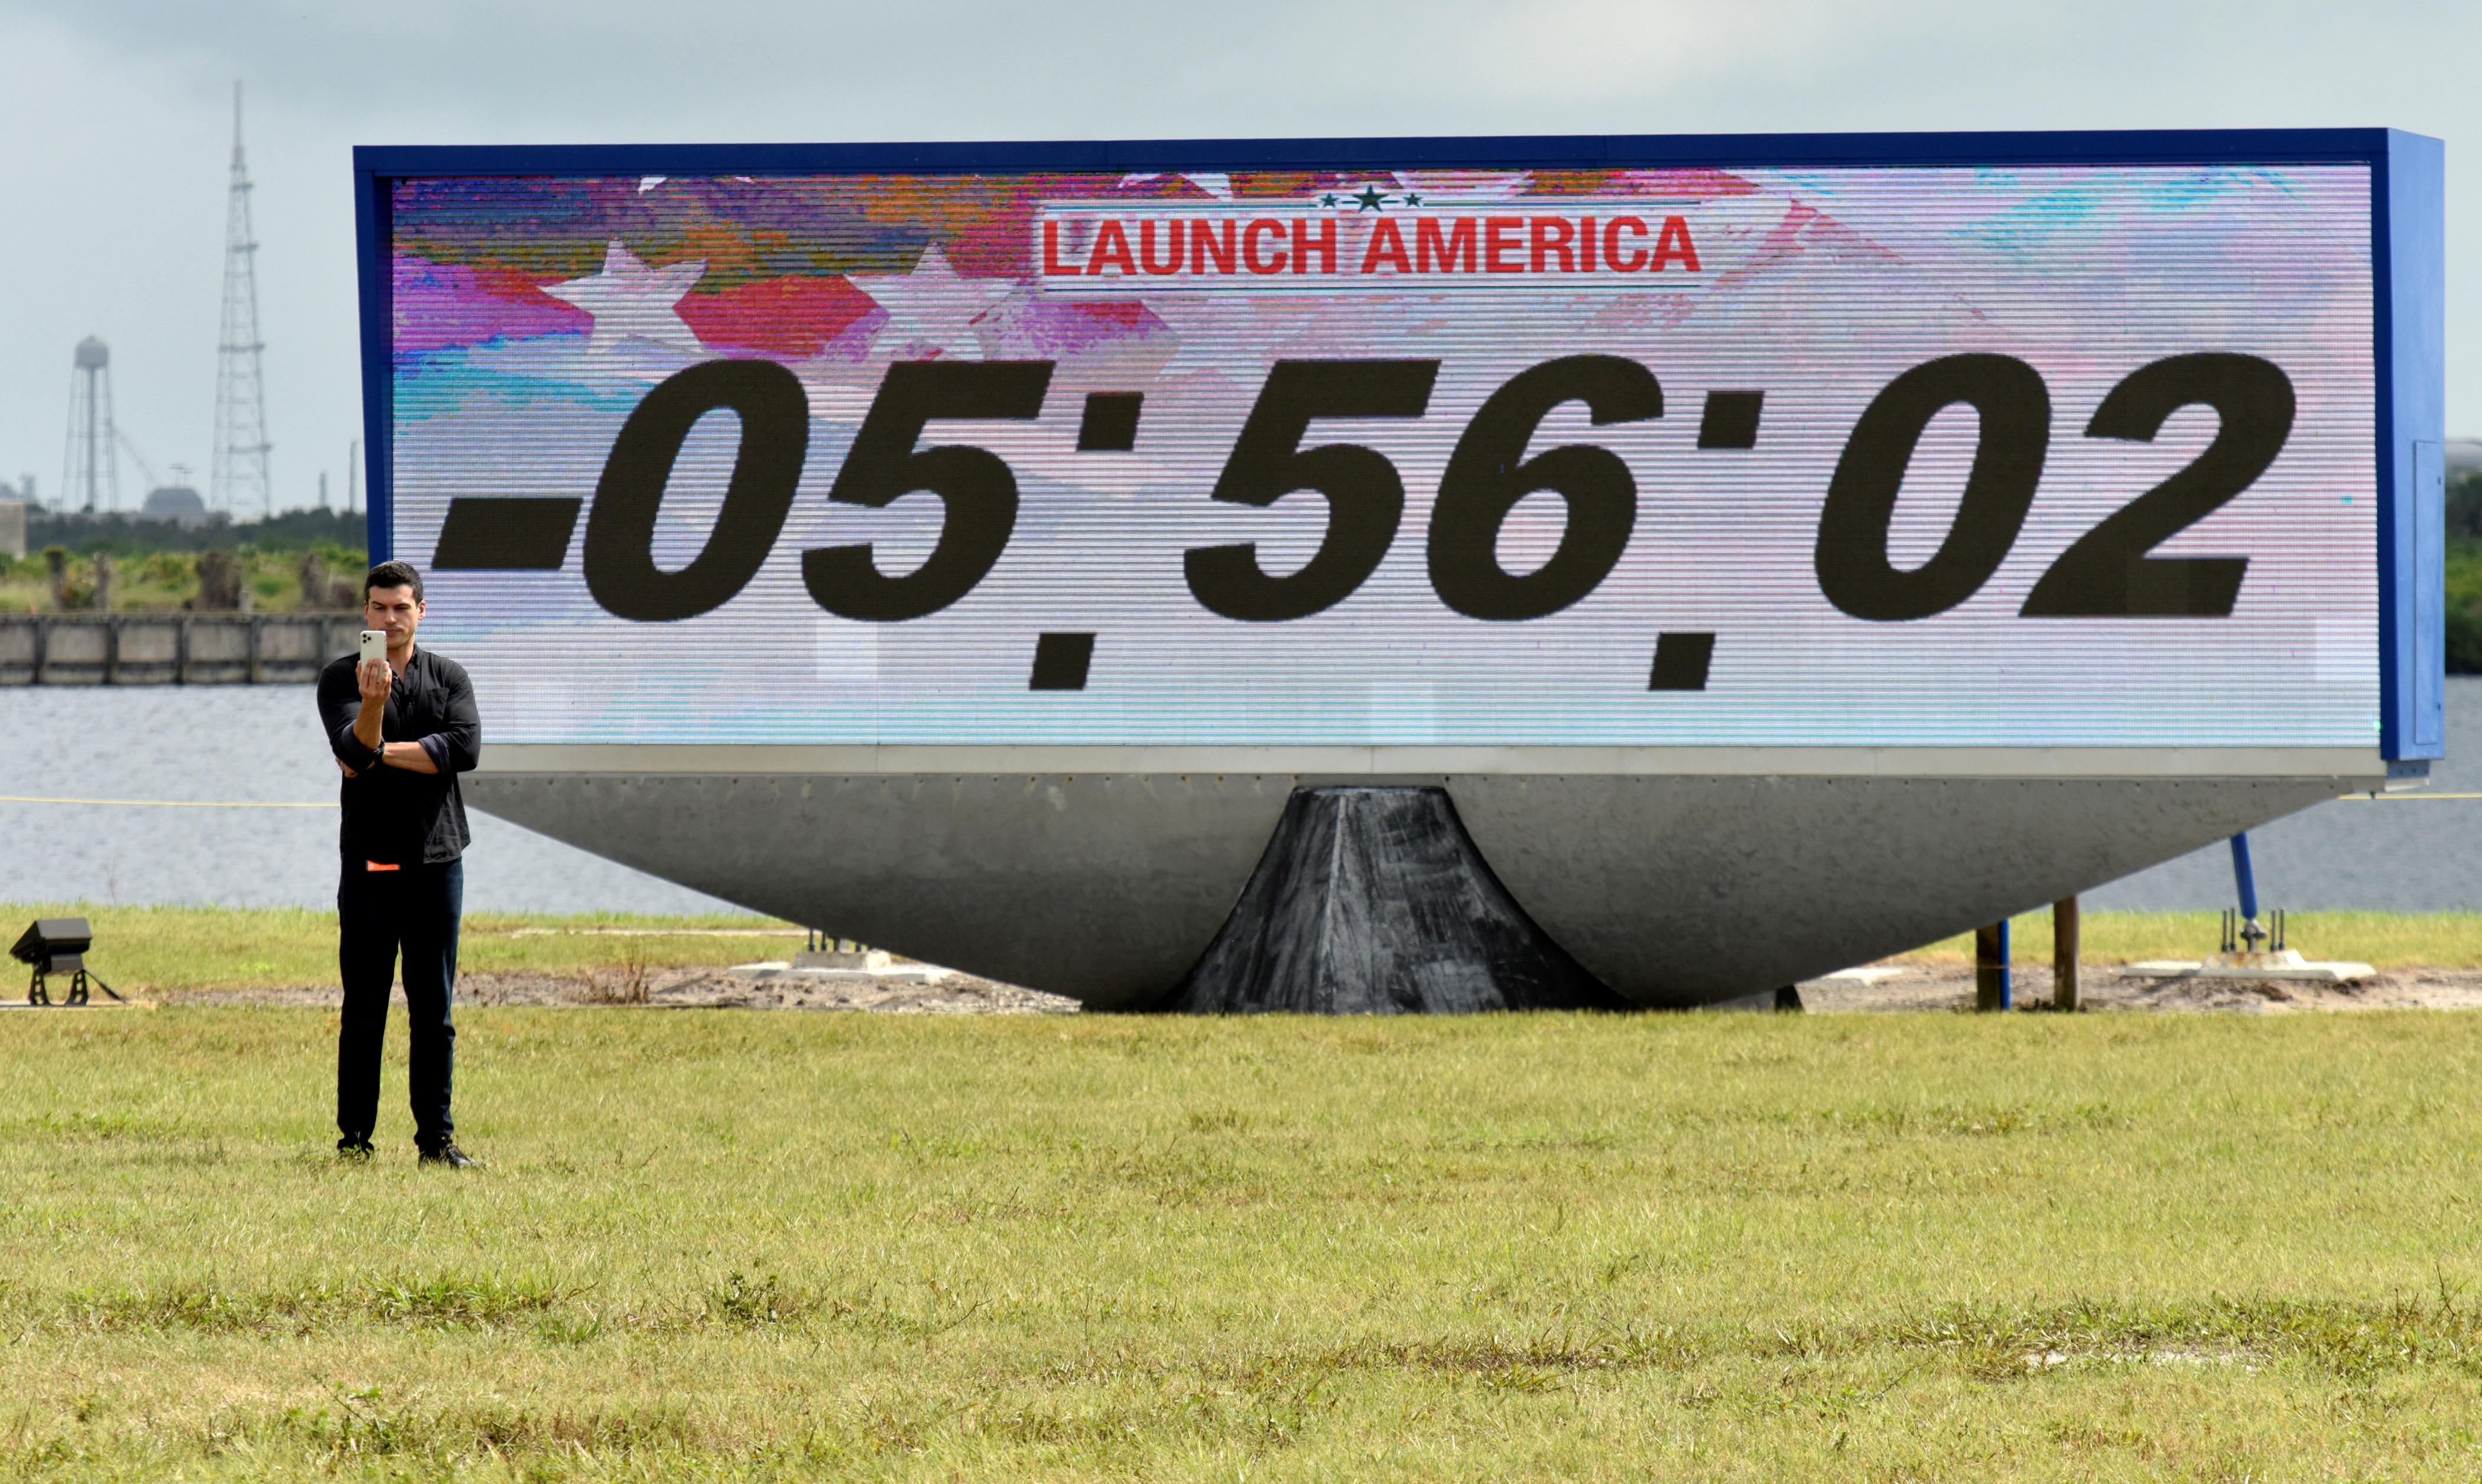 Cómo seguir en vivo la histórica primera misión tripulada de la NASA con una cápsula de SpaceX - Infobae